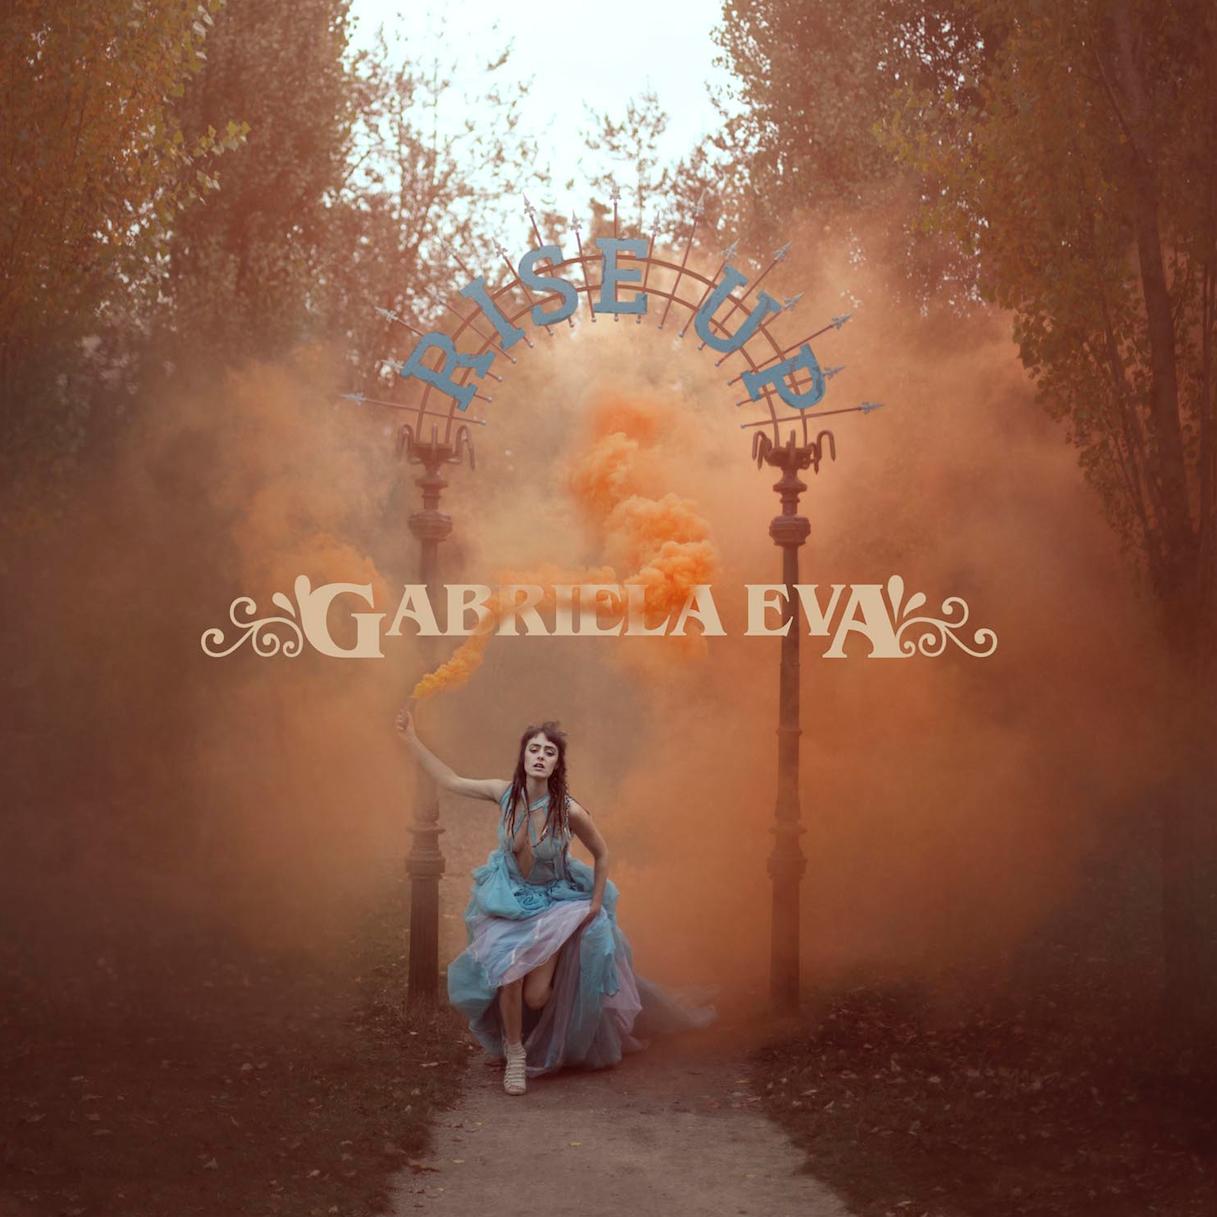 gabriela eva ep cover.PNG